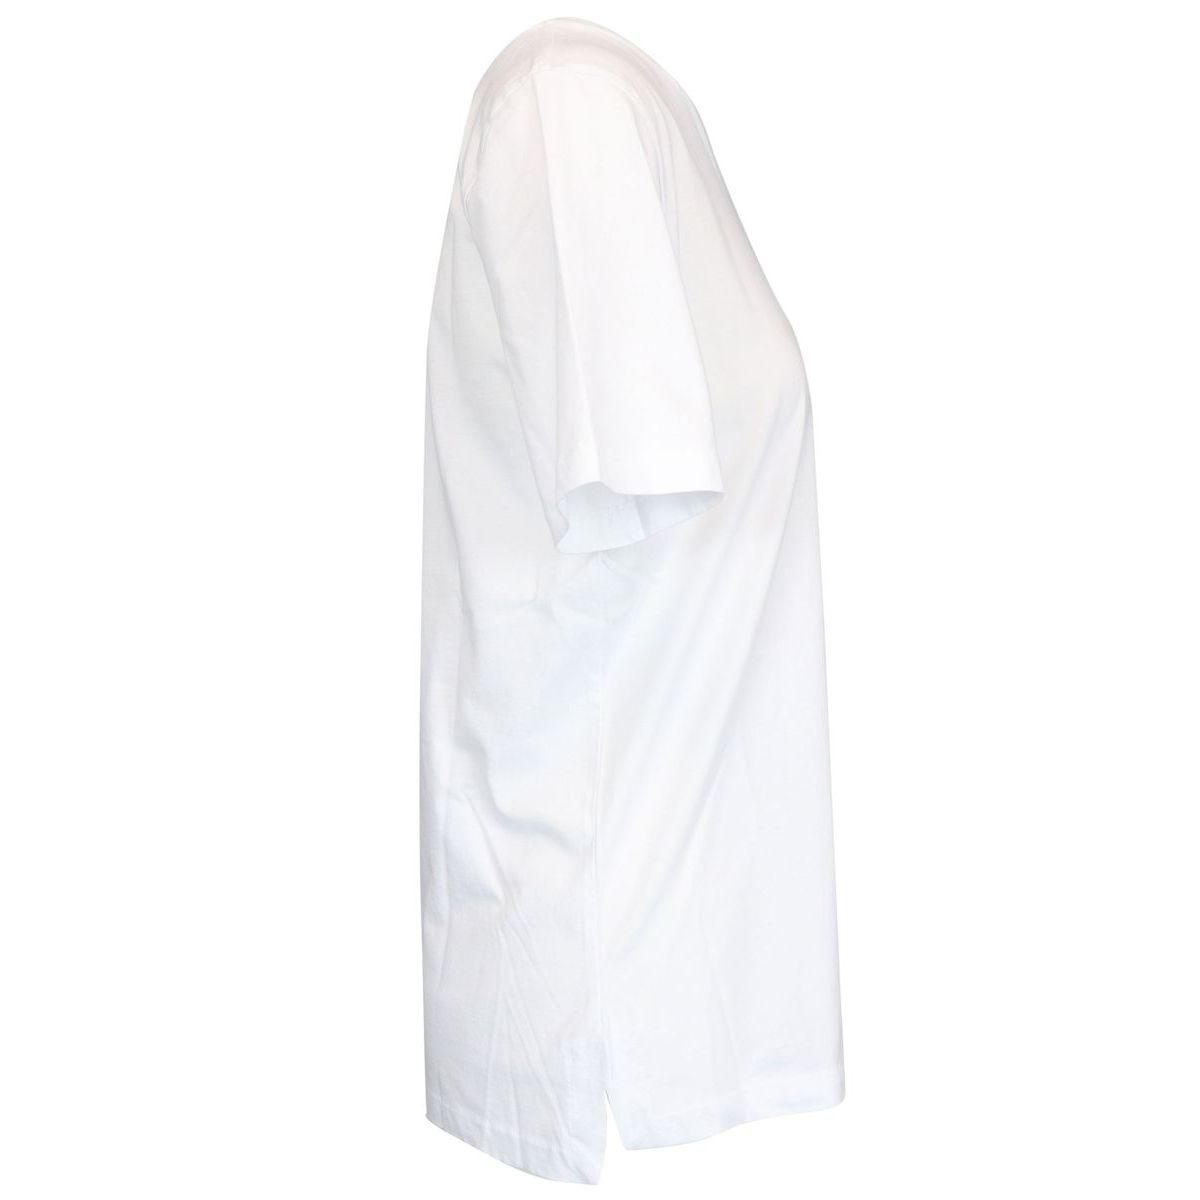 DELETTA short sleeve cotton t-shirt White Max Mara